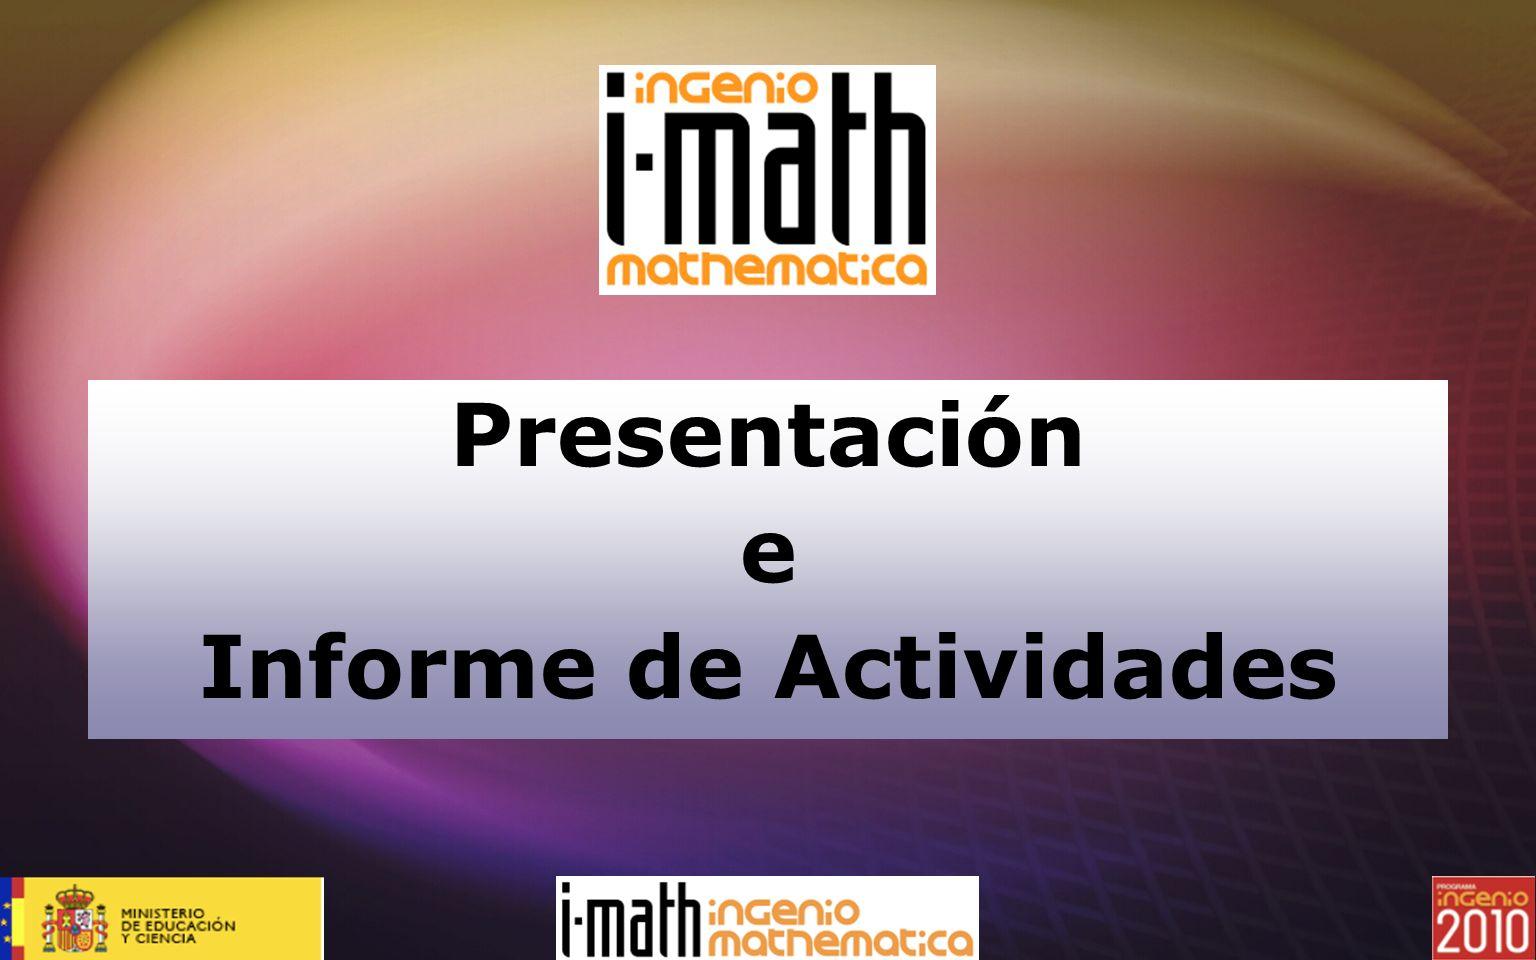 Presentación e Informe de Actividades